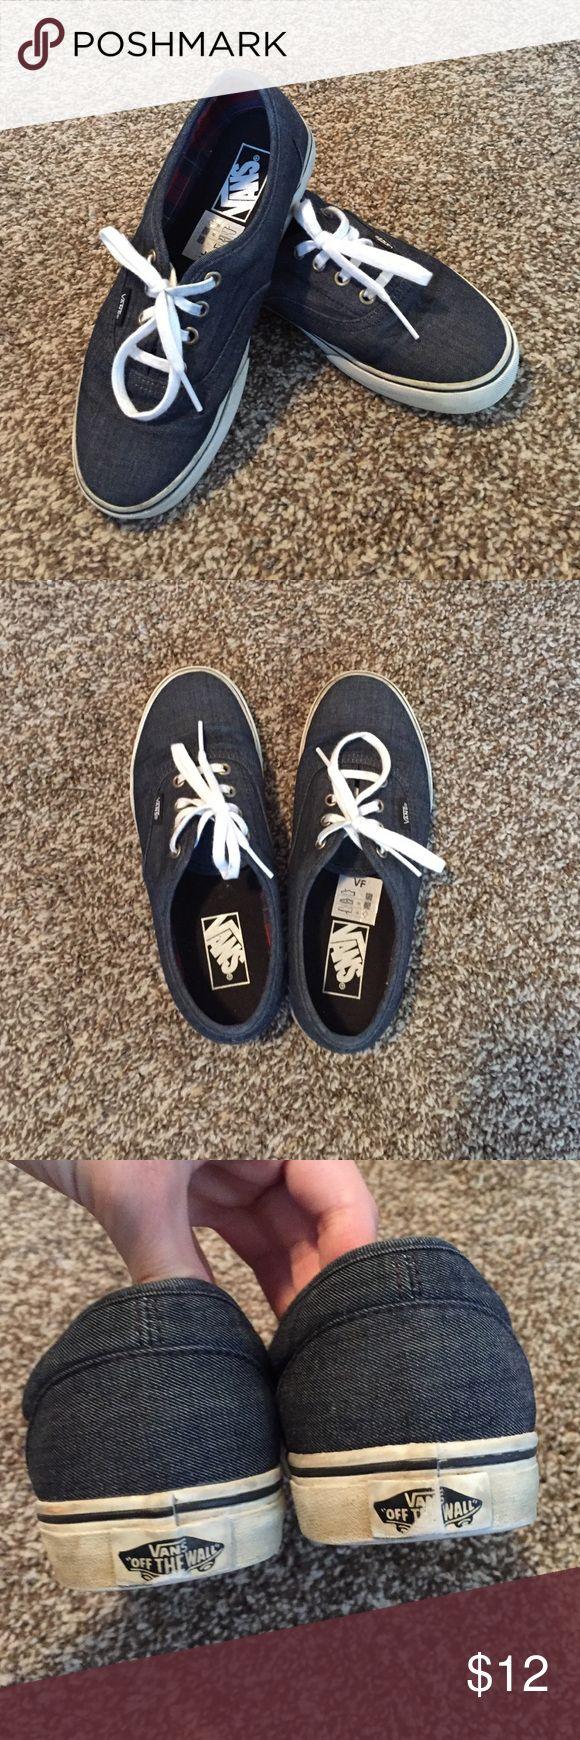 Navy Vans! Navy Vans in good condition! Great bundle purchase! Vans Shoes Sneakers